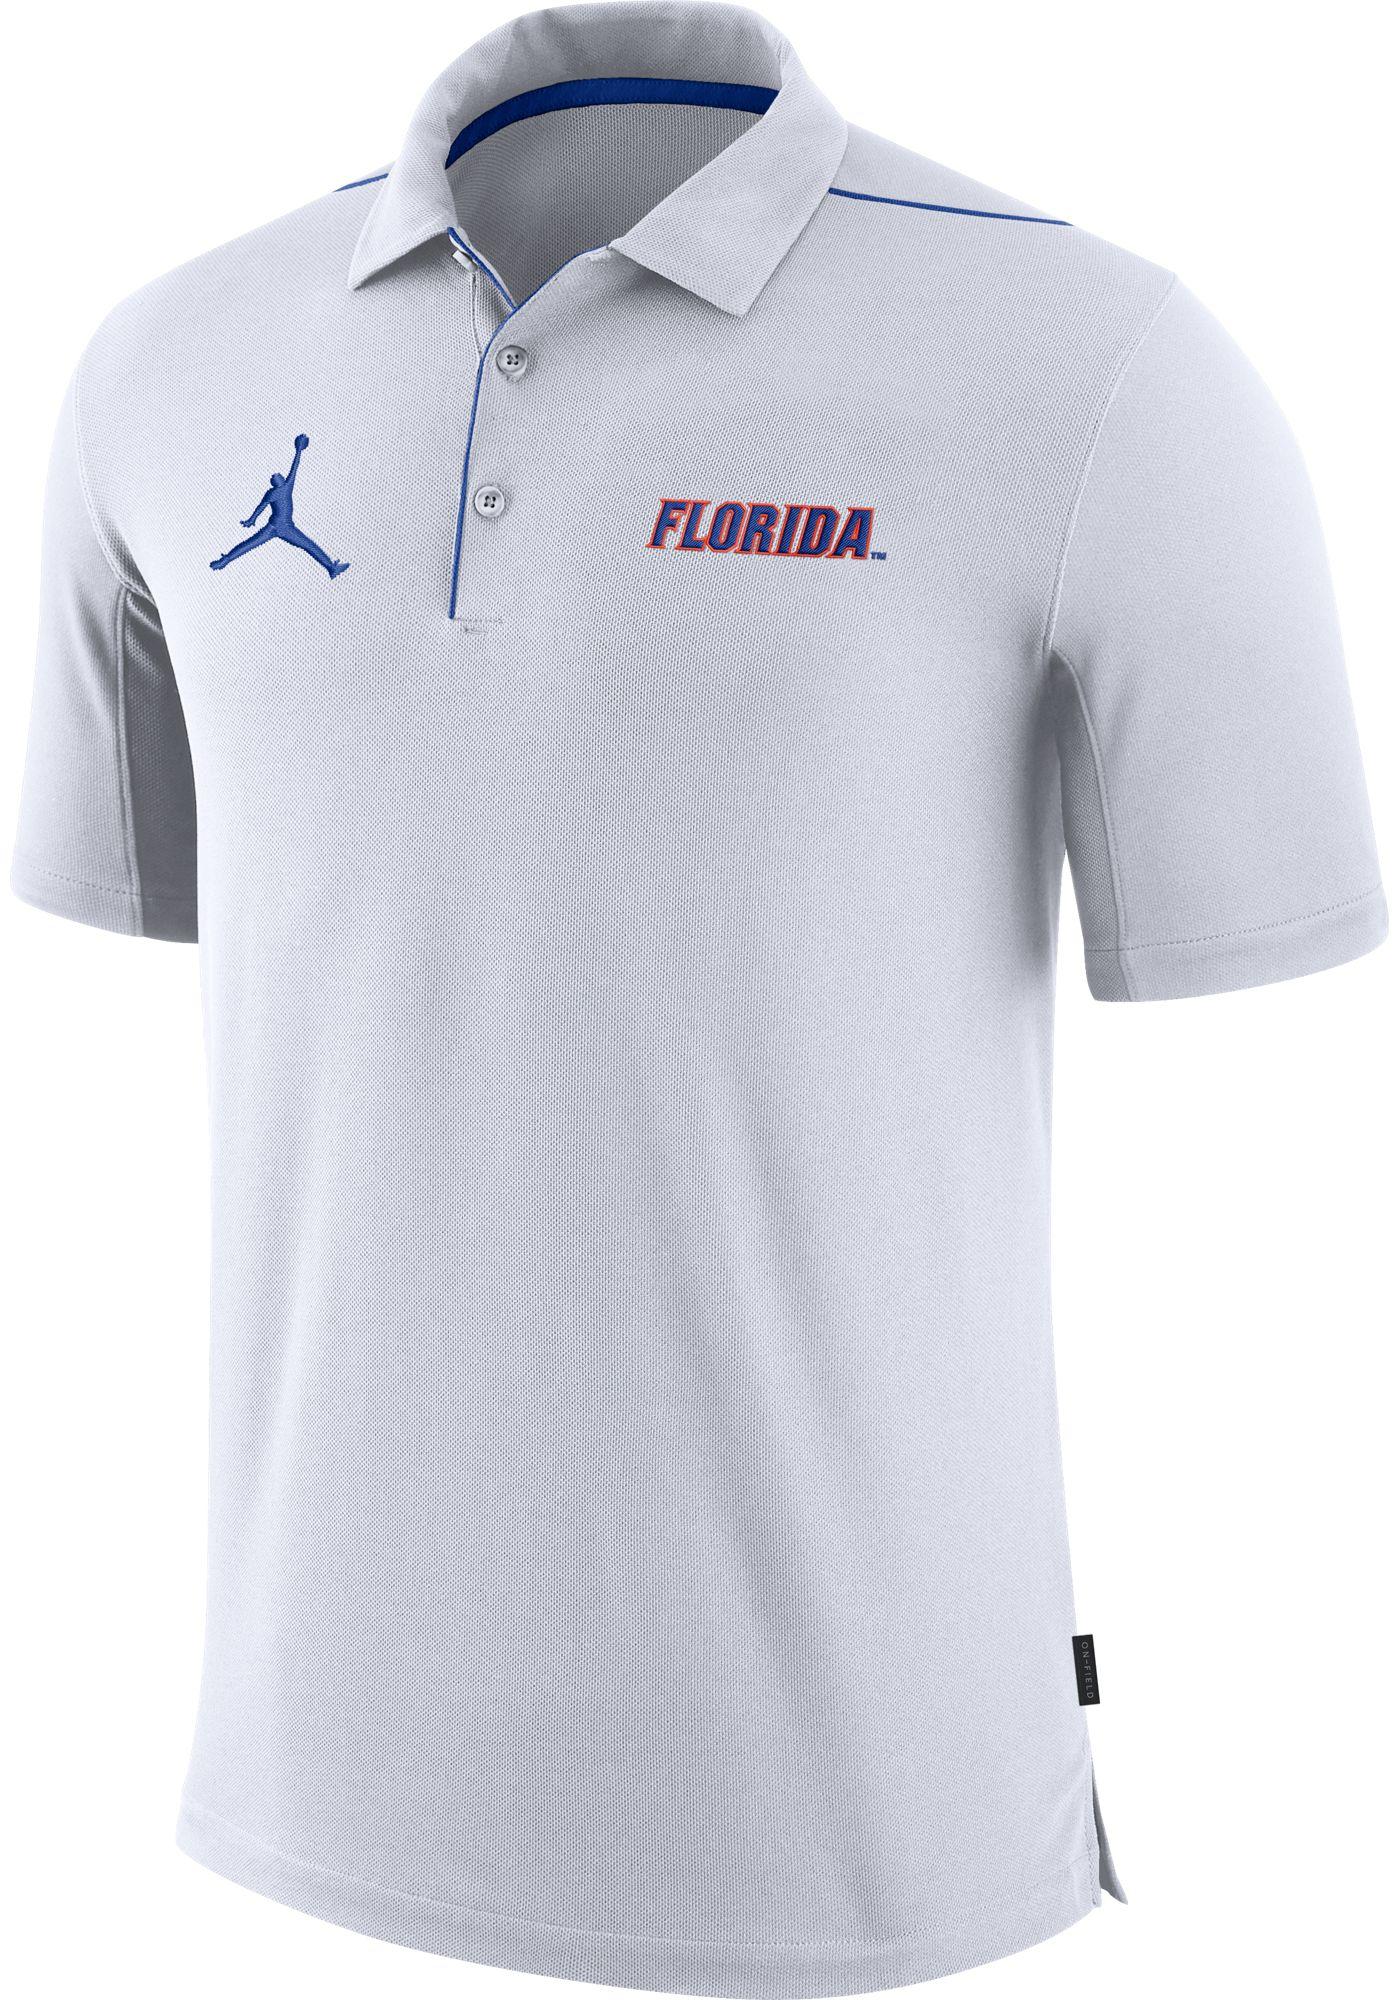 Jordan Men's Florida Gators Team Issue Football Sideline White Polo